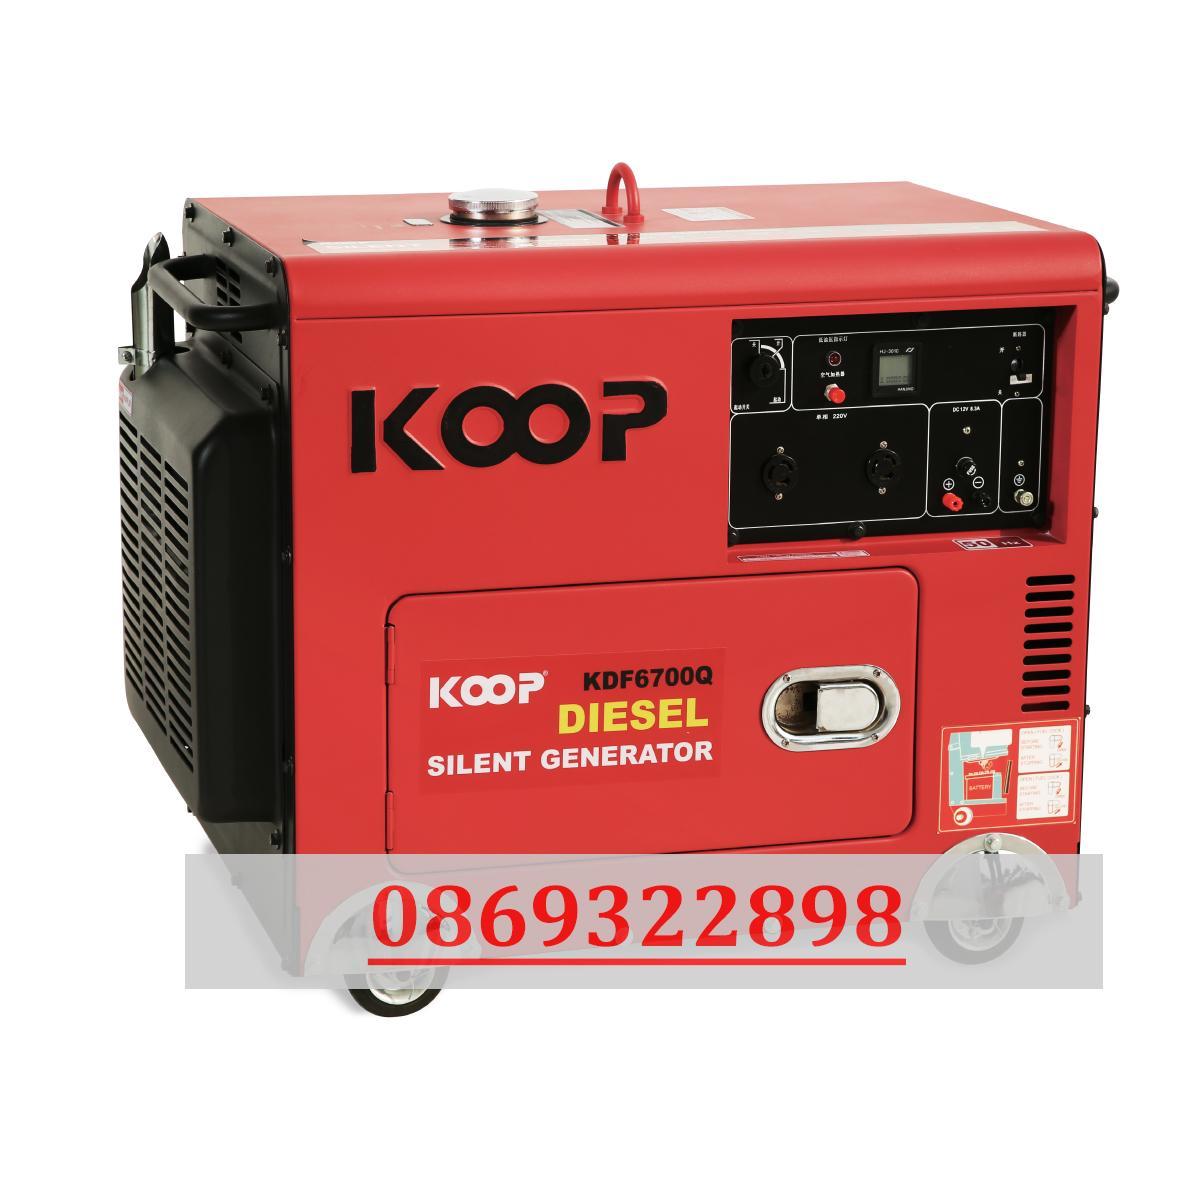 Máy phát điện nhật bản Siêu chống ồn Koop 7.5kw KDF 8500QQ